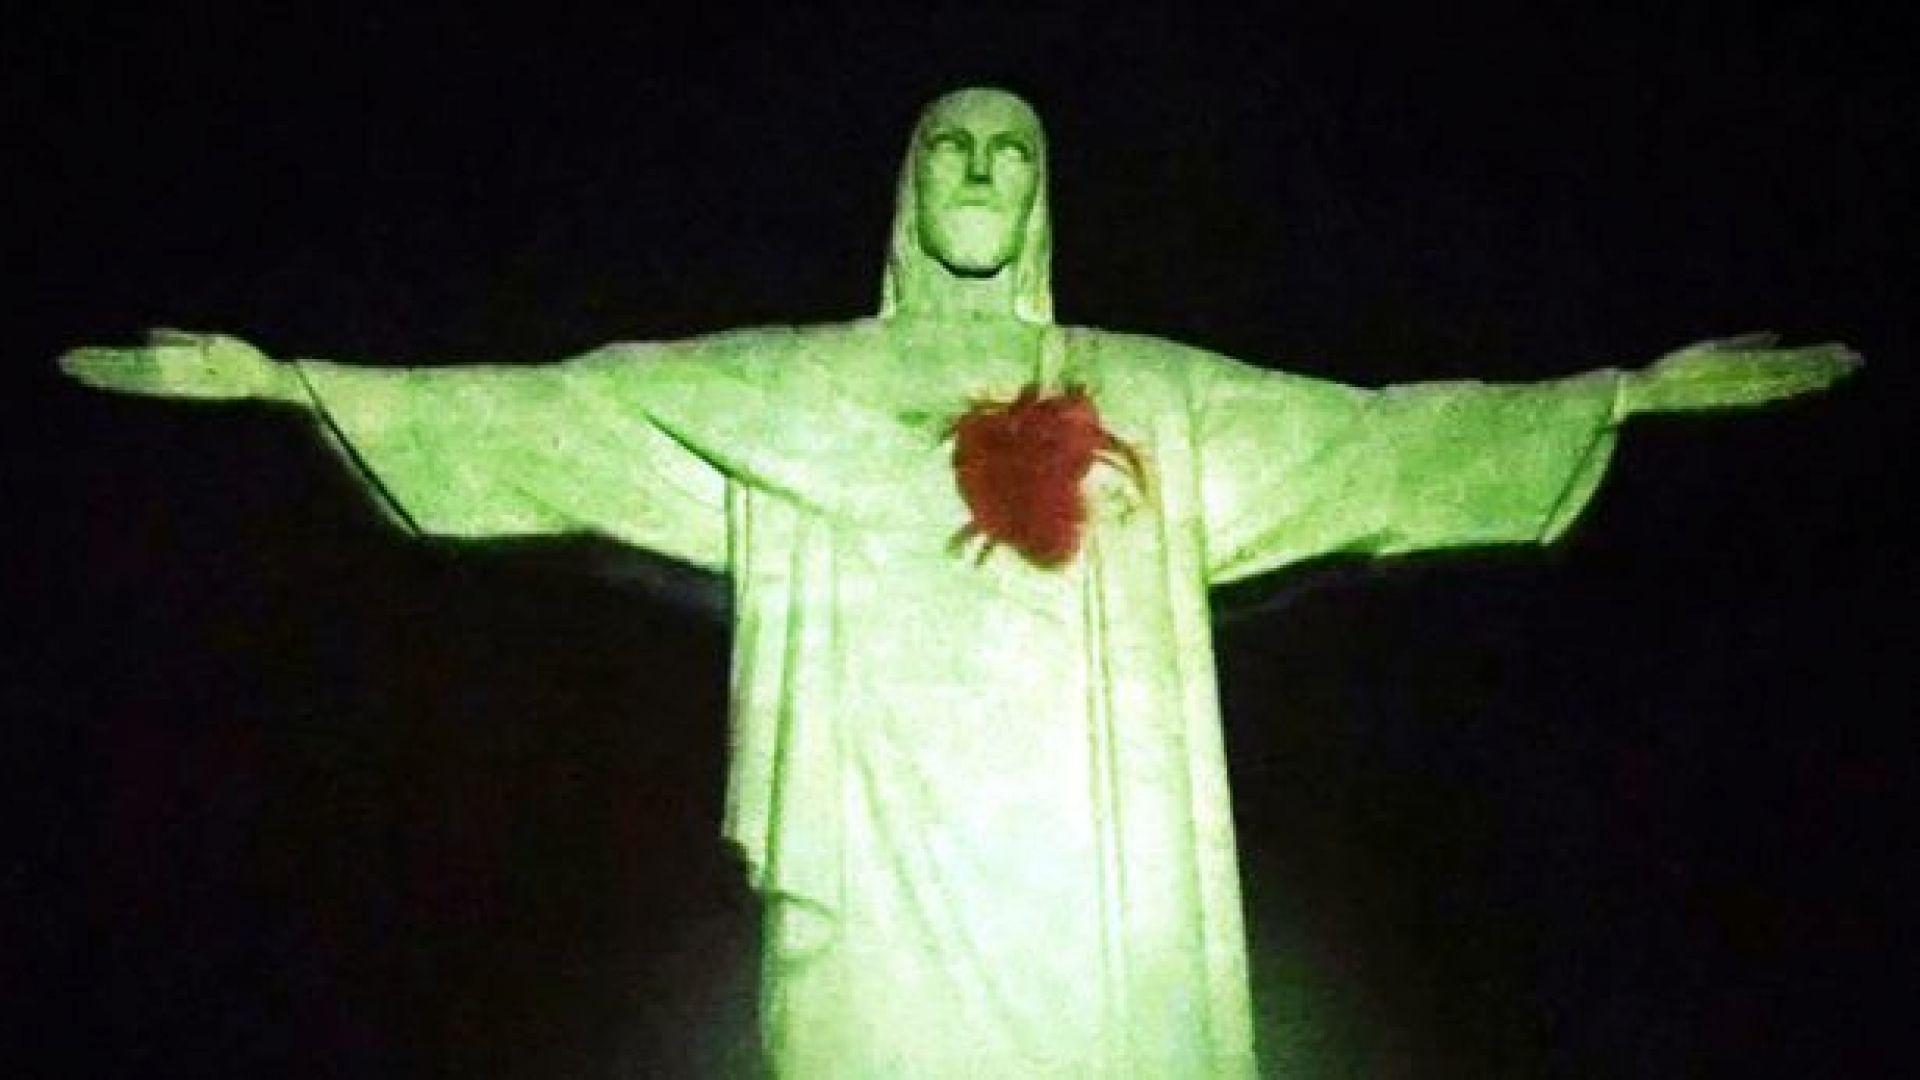 Светещо сърце се появи на статуята на Христос в Рио